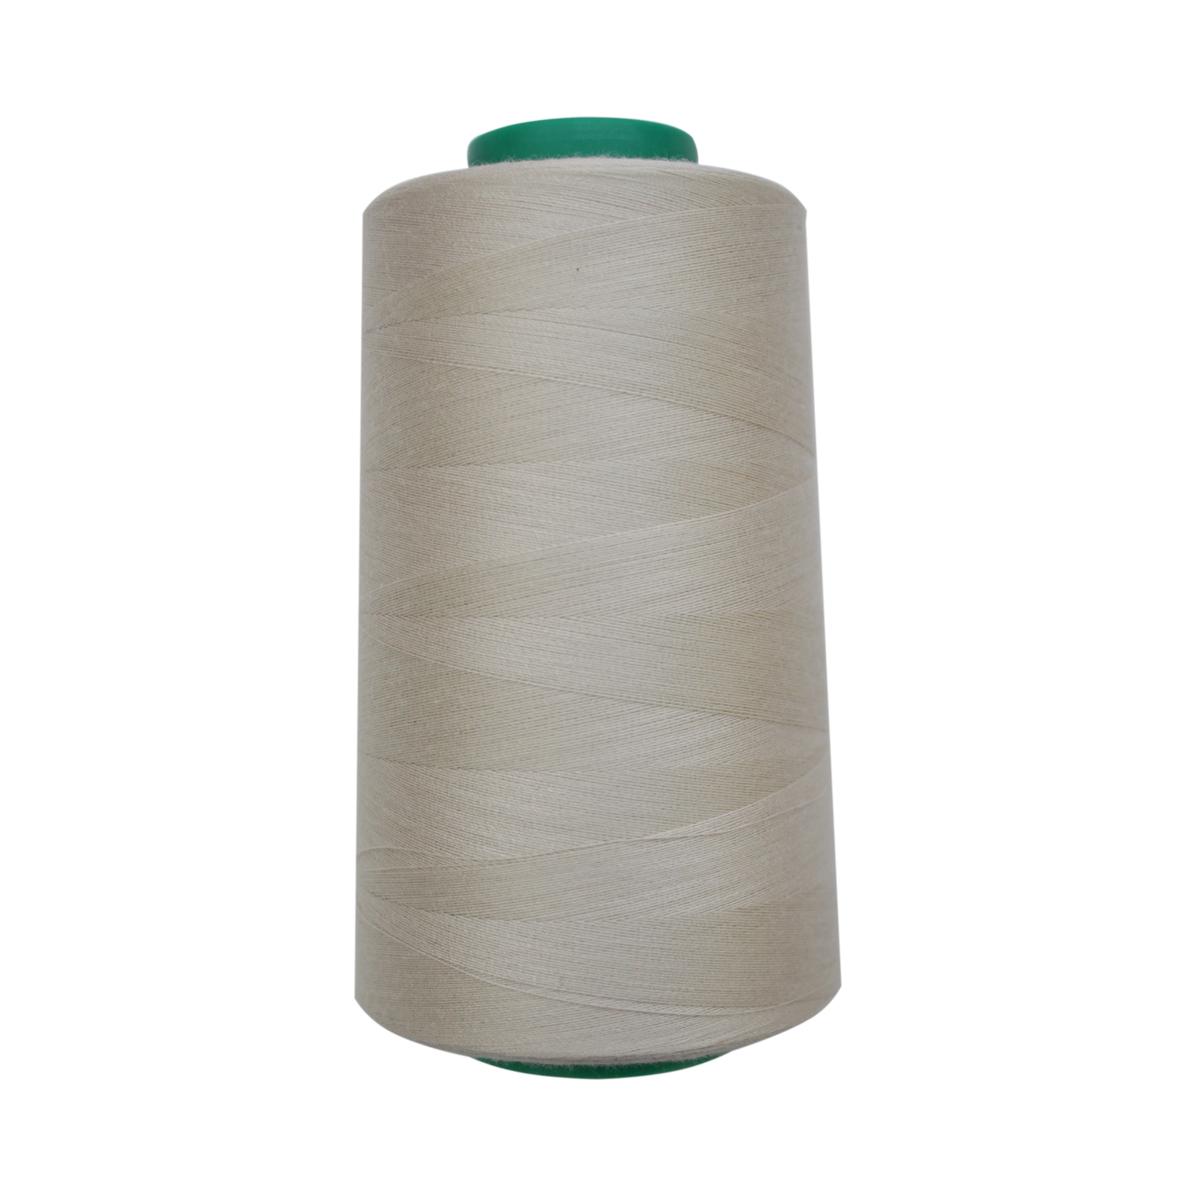 Нитки для шитья Bestex 50/2, 5000 ярд, цвет: бело-серый (205)7700936-205Сфера использования: трикотаж; ткани малого веса; оверлочные швы; отделка краев; вышивка. Размер игл №70-80